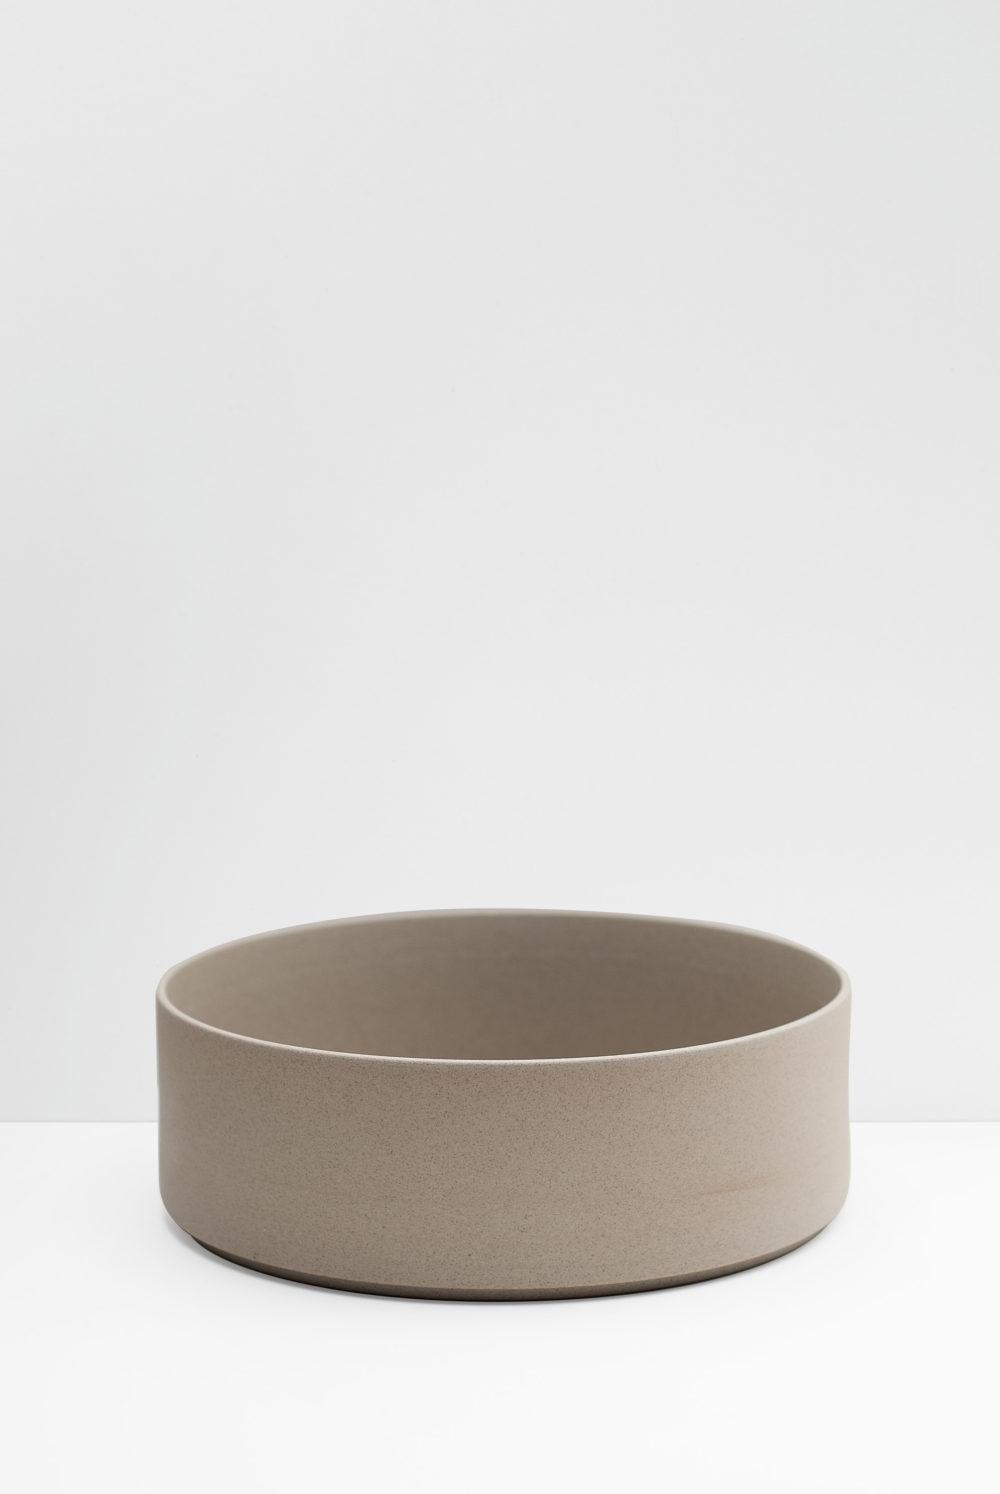 Hasami Porcelain serving bowl